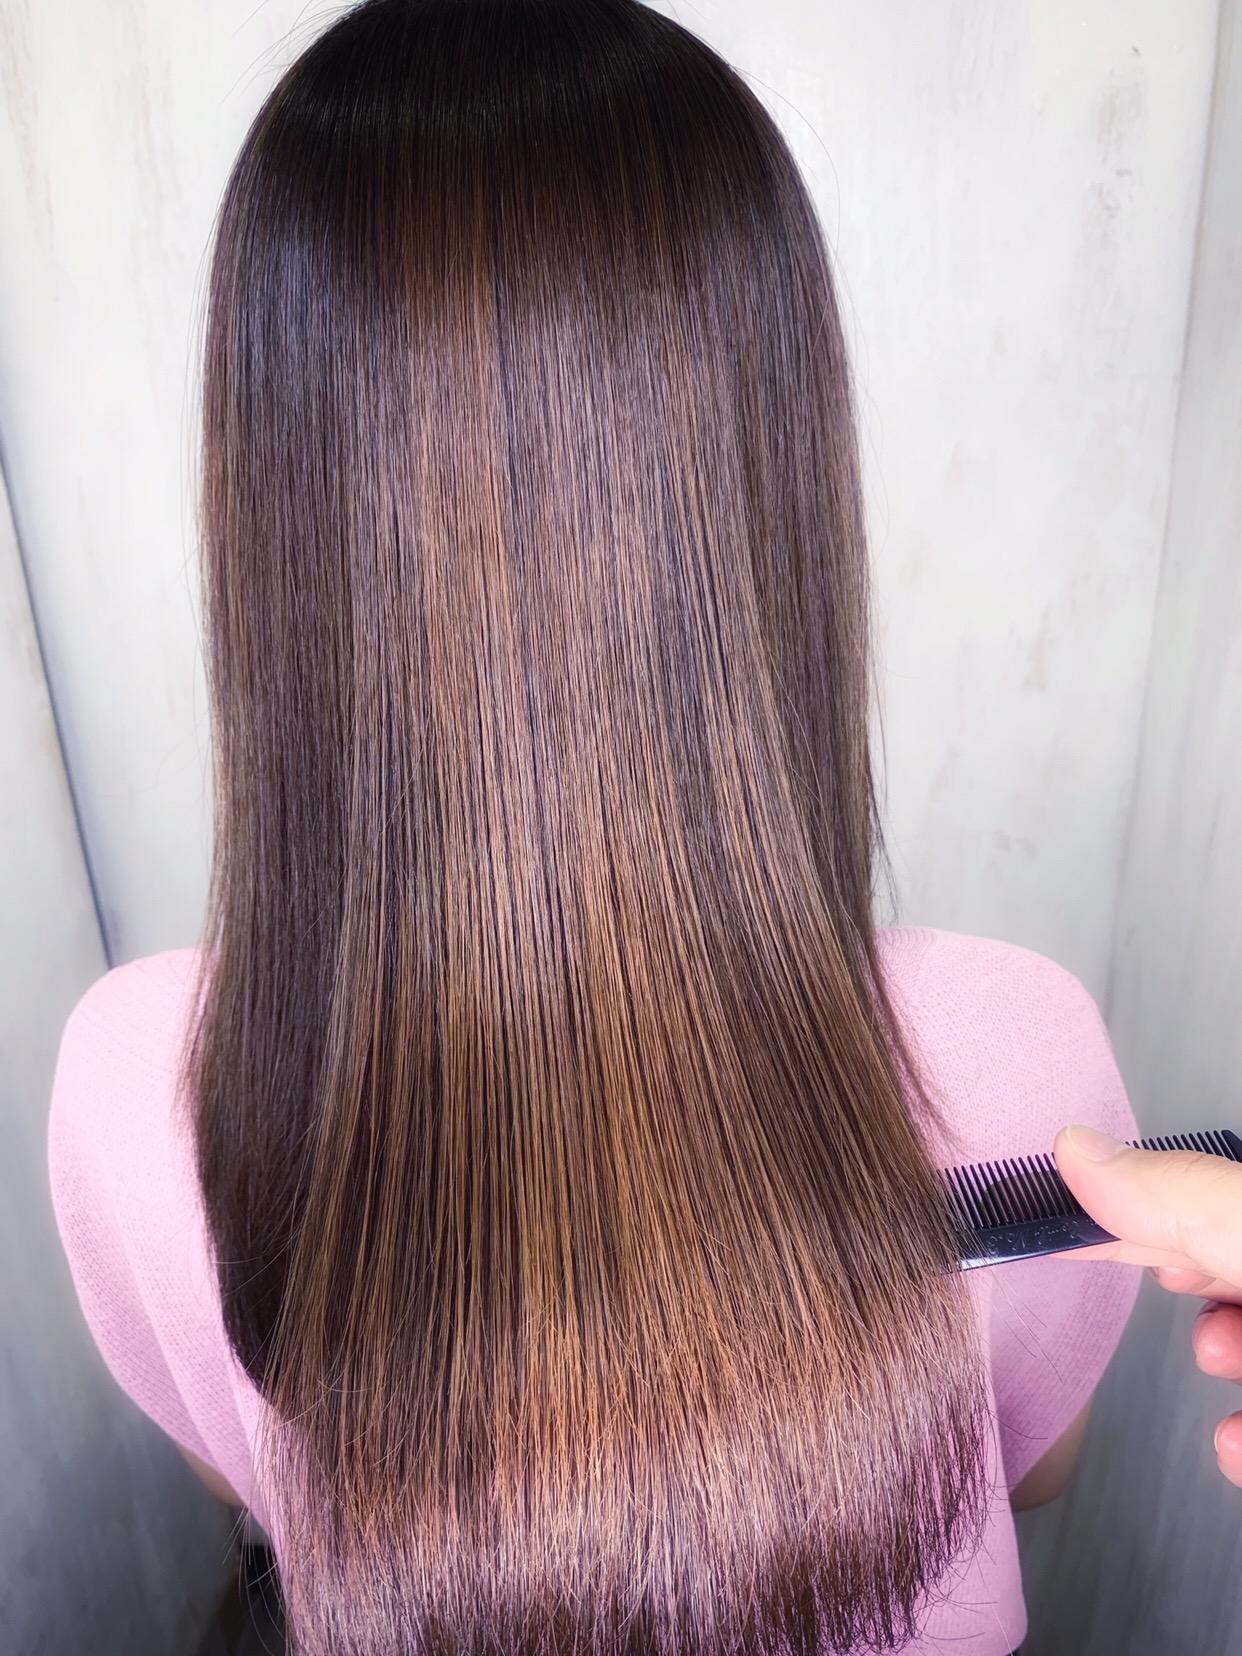 広がる毛先もまとまる【ジュエリーシステム×LULUトリートメント×縮毛矯正】原宿・表参道『1000人をツヤ髪にヘアケア美容師の挑戦』